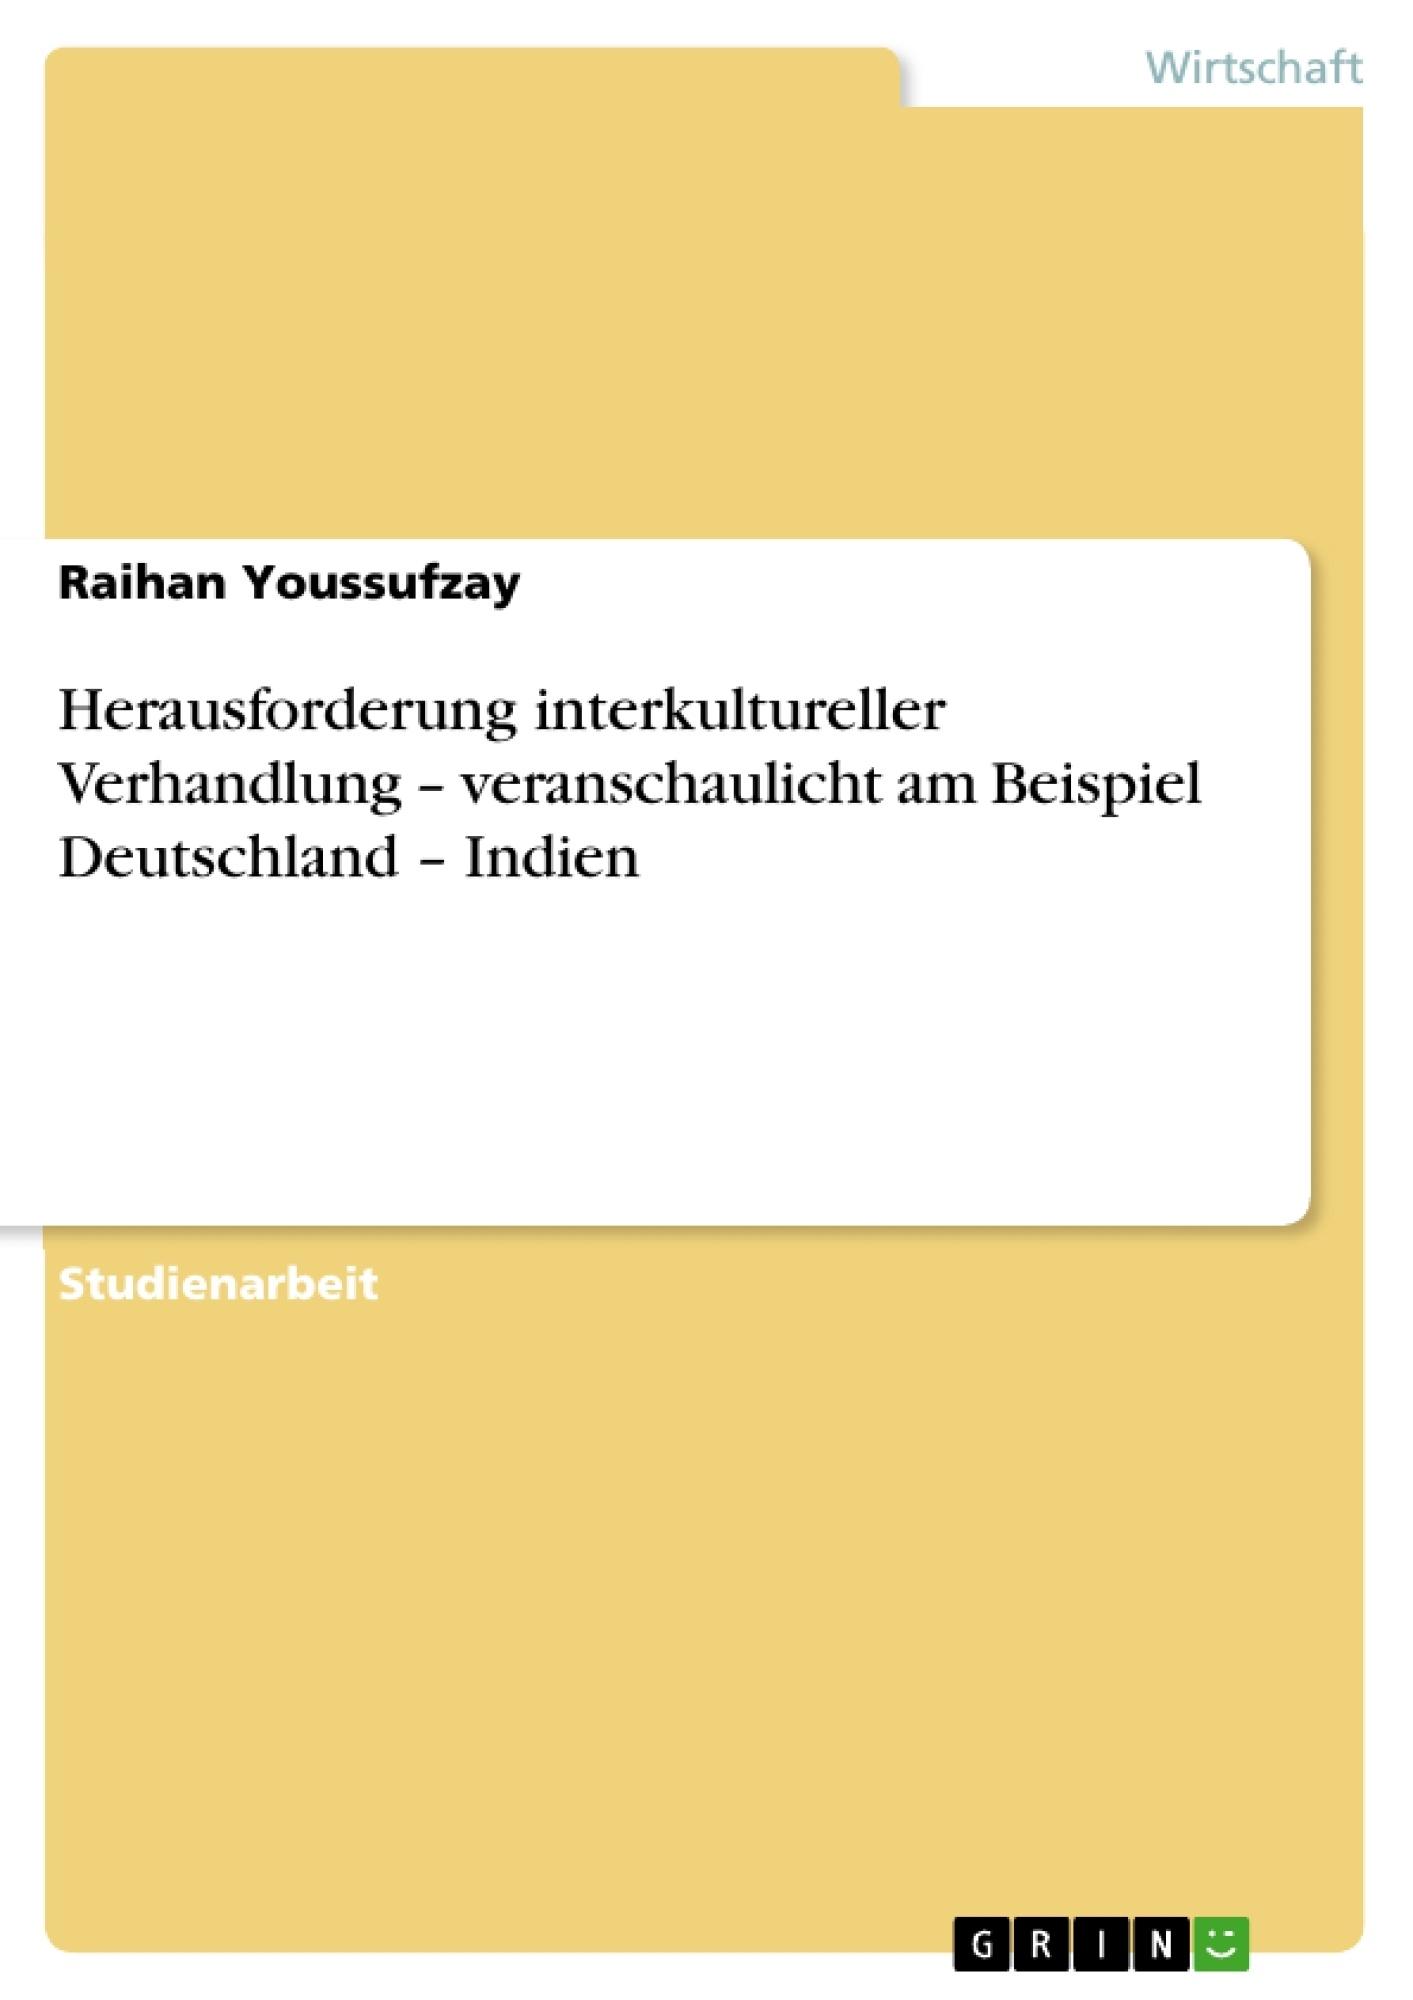 Titel: Herausforderung interkultureller Verhandlung – veranschaulicht am Beispiel Deutschland – Indien